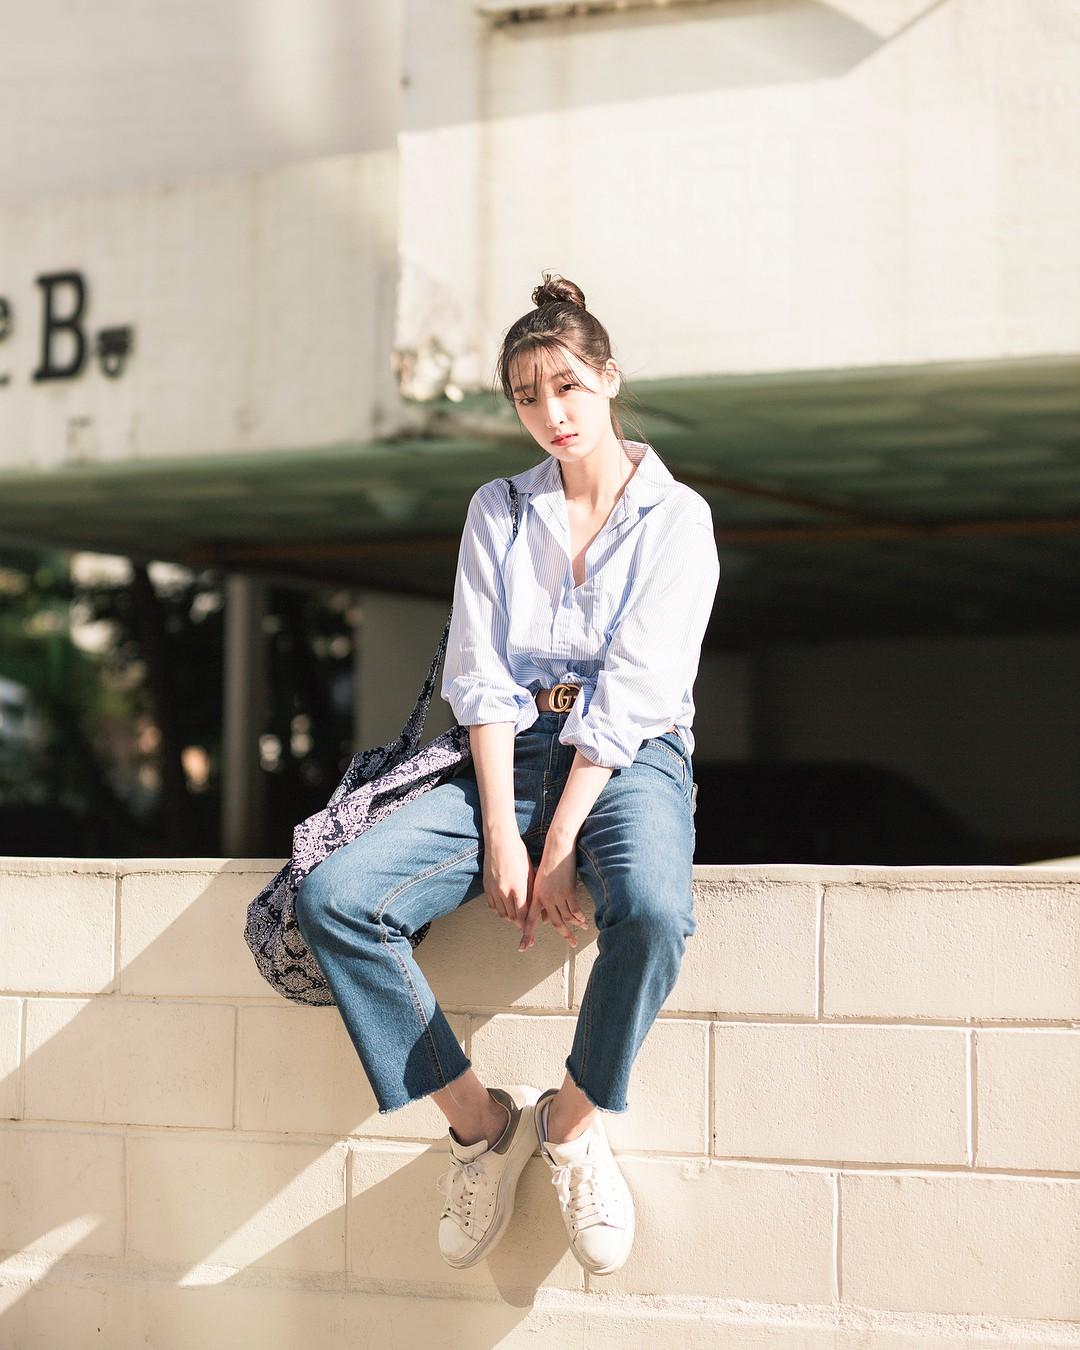 Chỉ diện toàn những món đồ mà ai cũng có sẵn nhưng giới trẻ Hàn vẫn hô biến nên street style quá đỉnh - Ảnh 4.